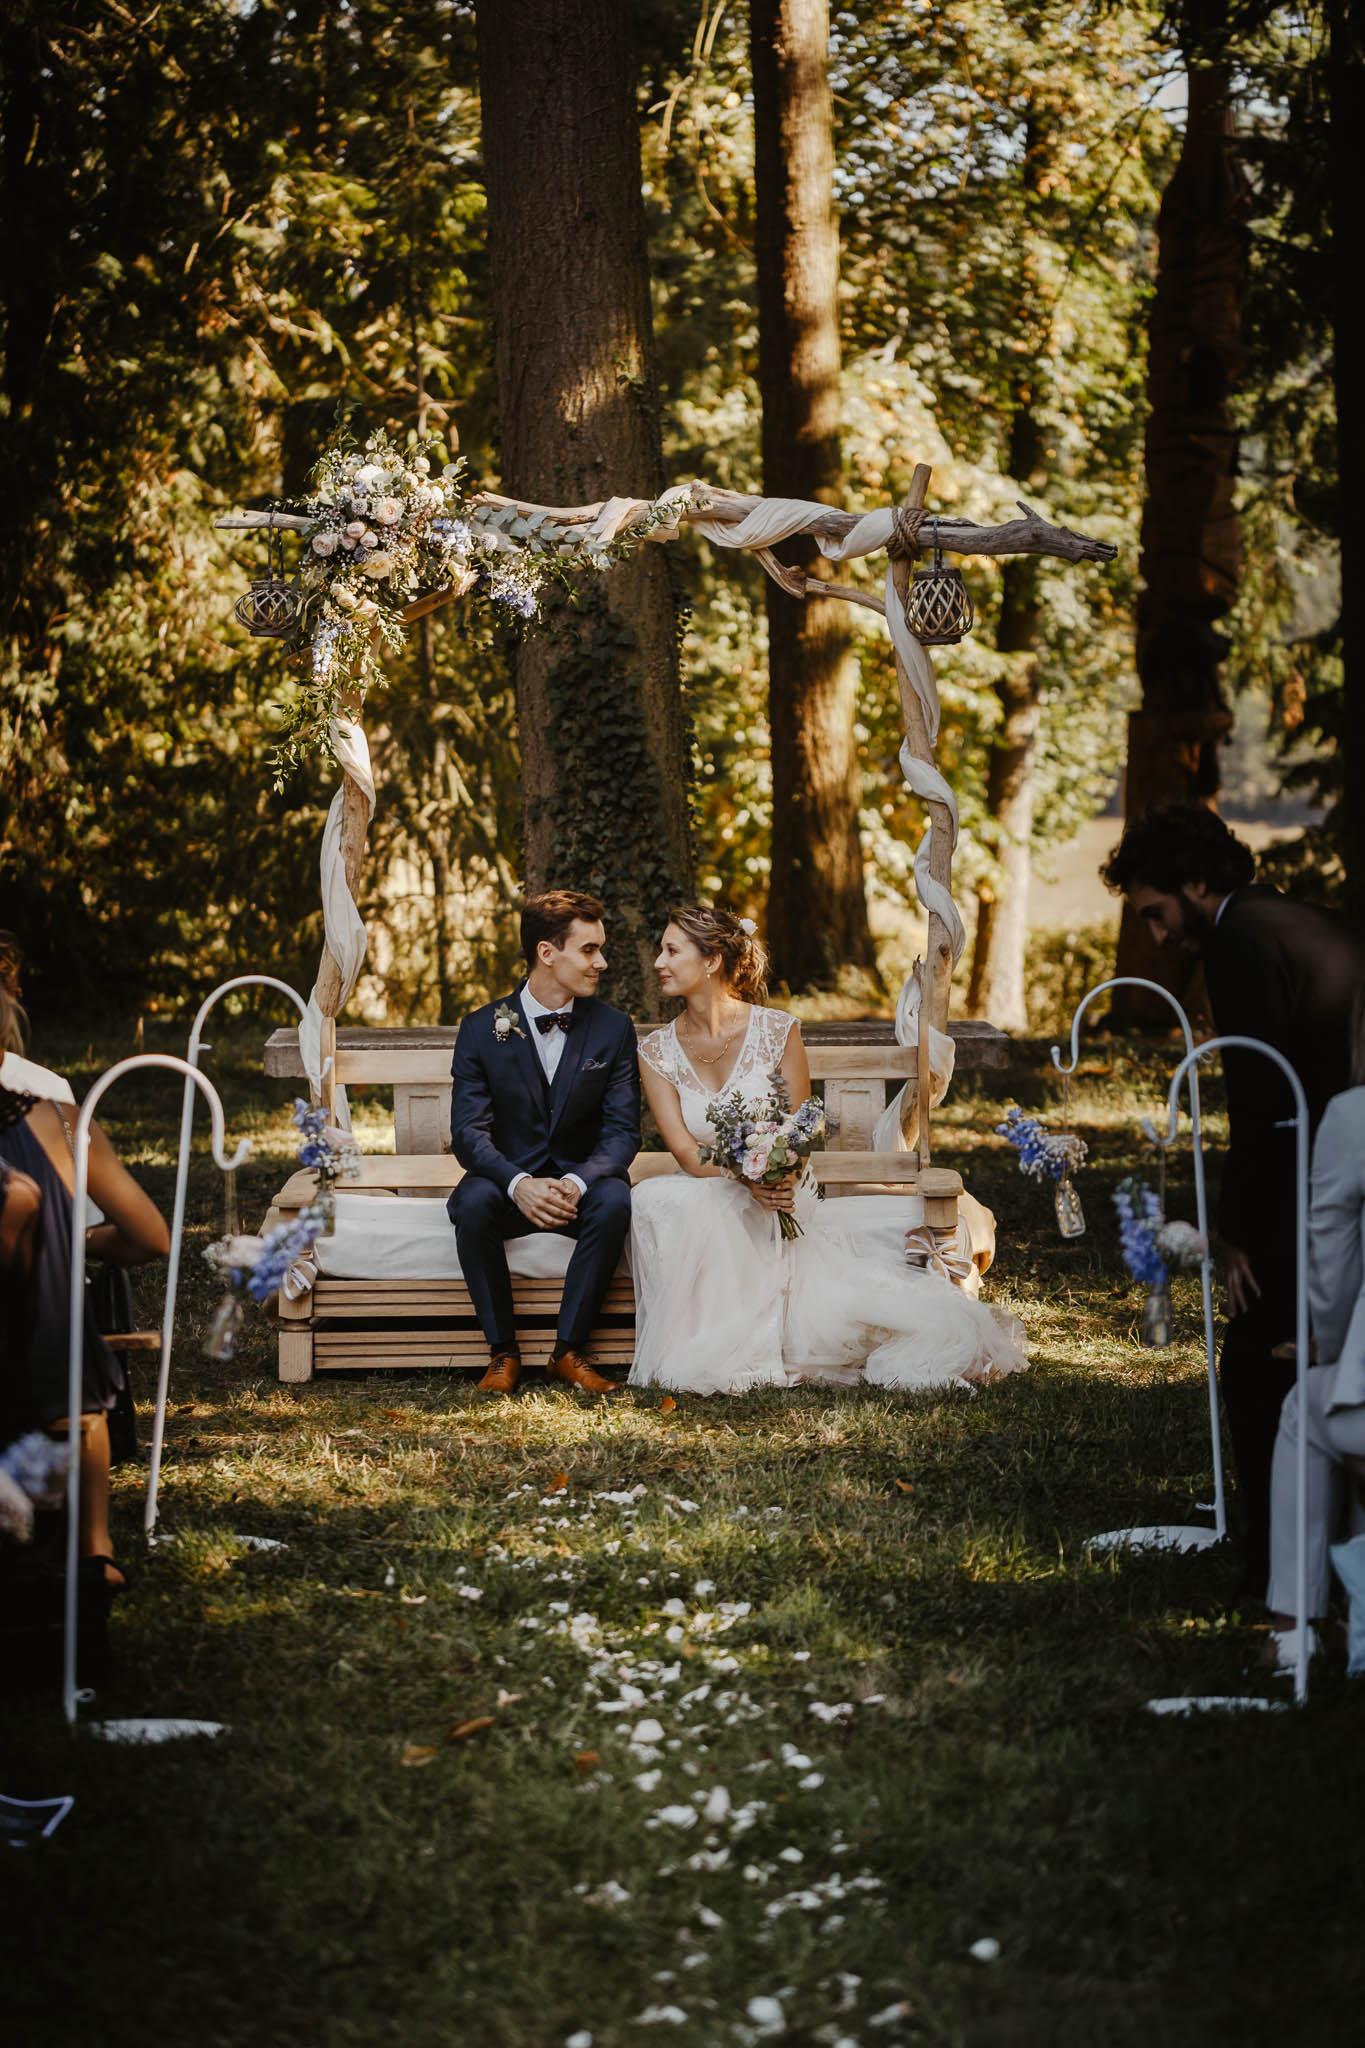 mariage-ceremonie-verbust-ingold.jpg